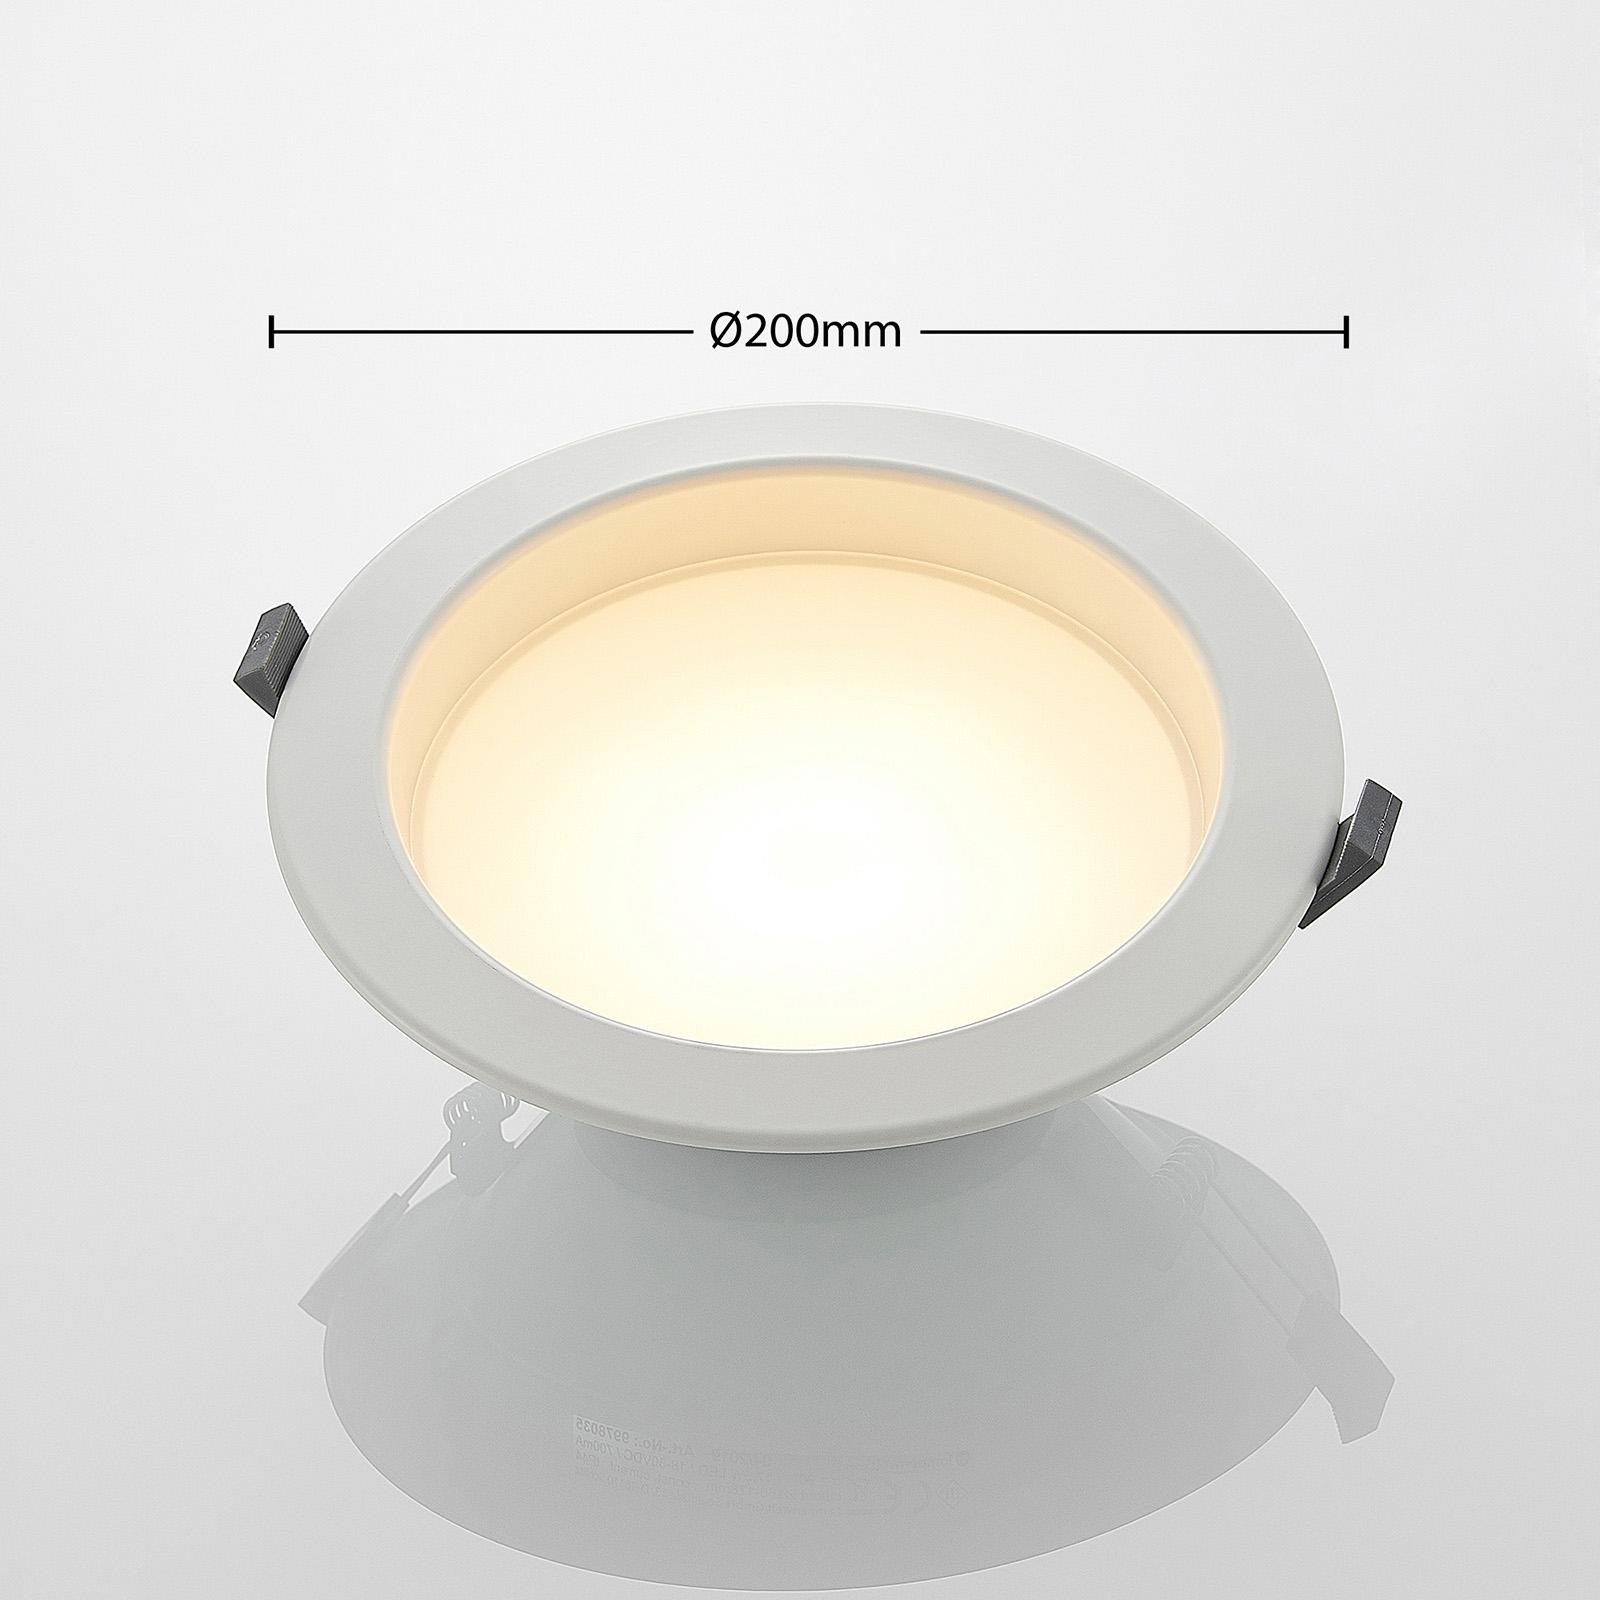 Piet LED podhledové svítidlo 17,5 W 3 barvy světla